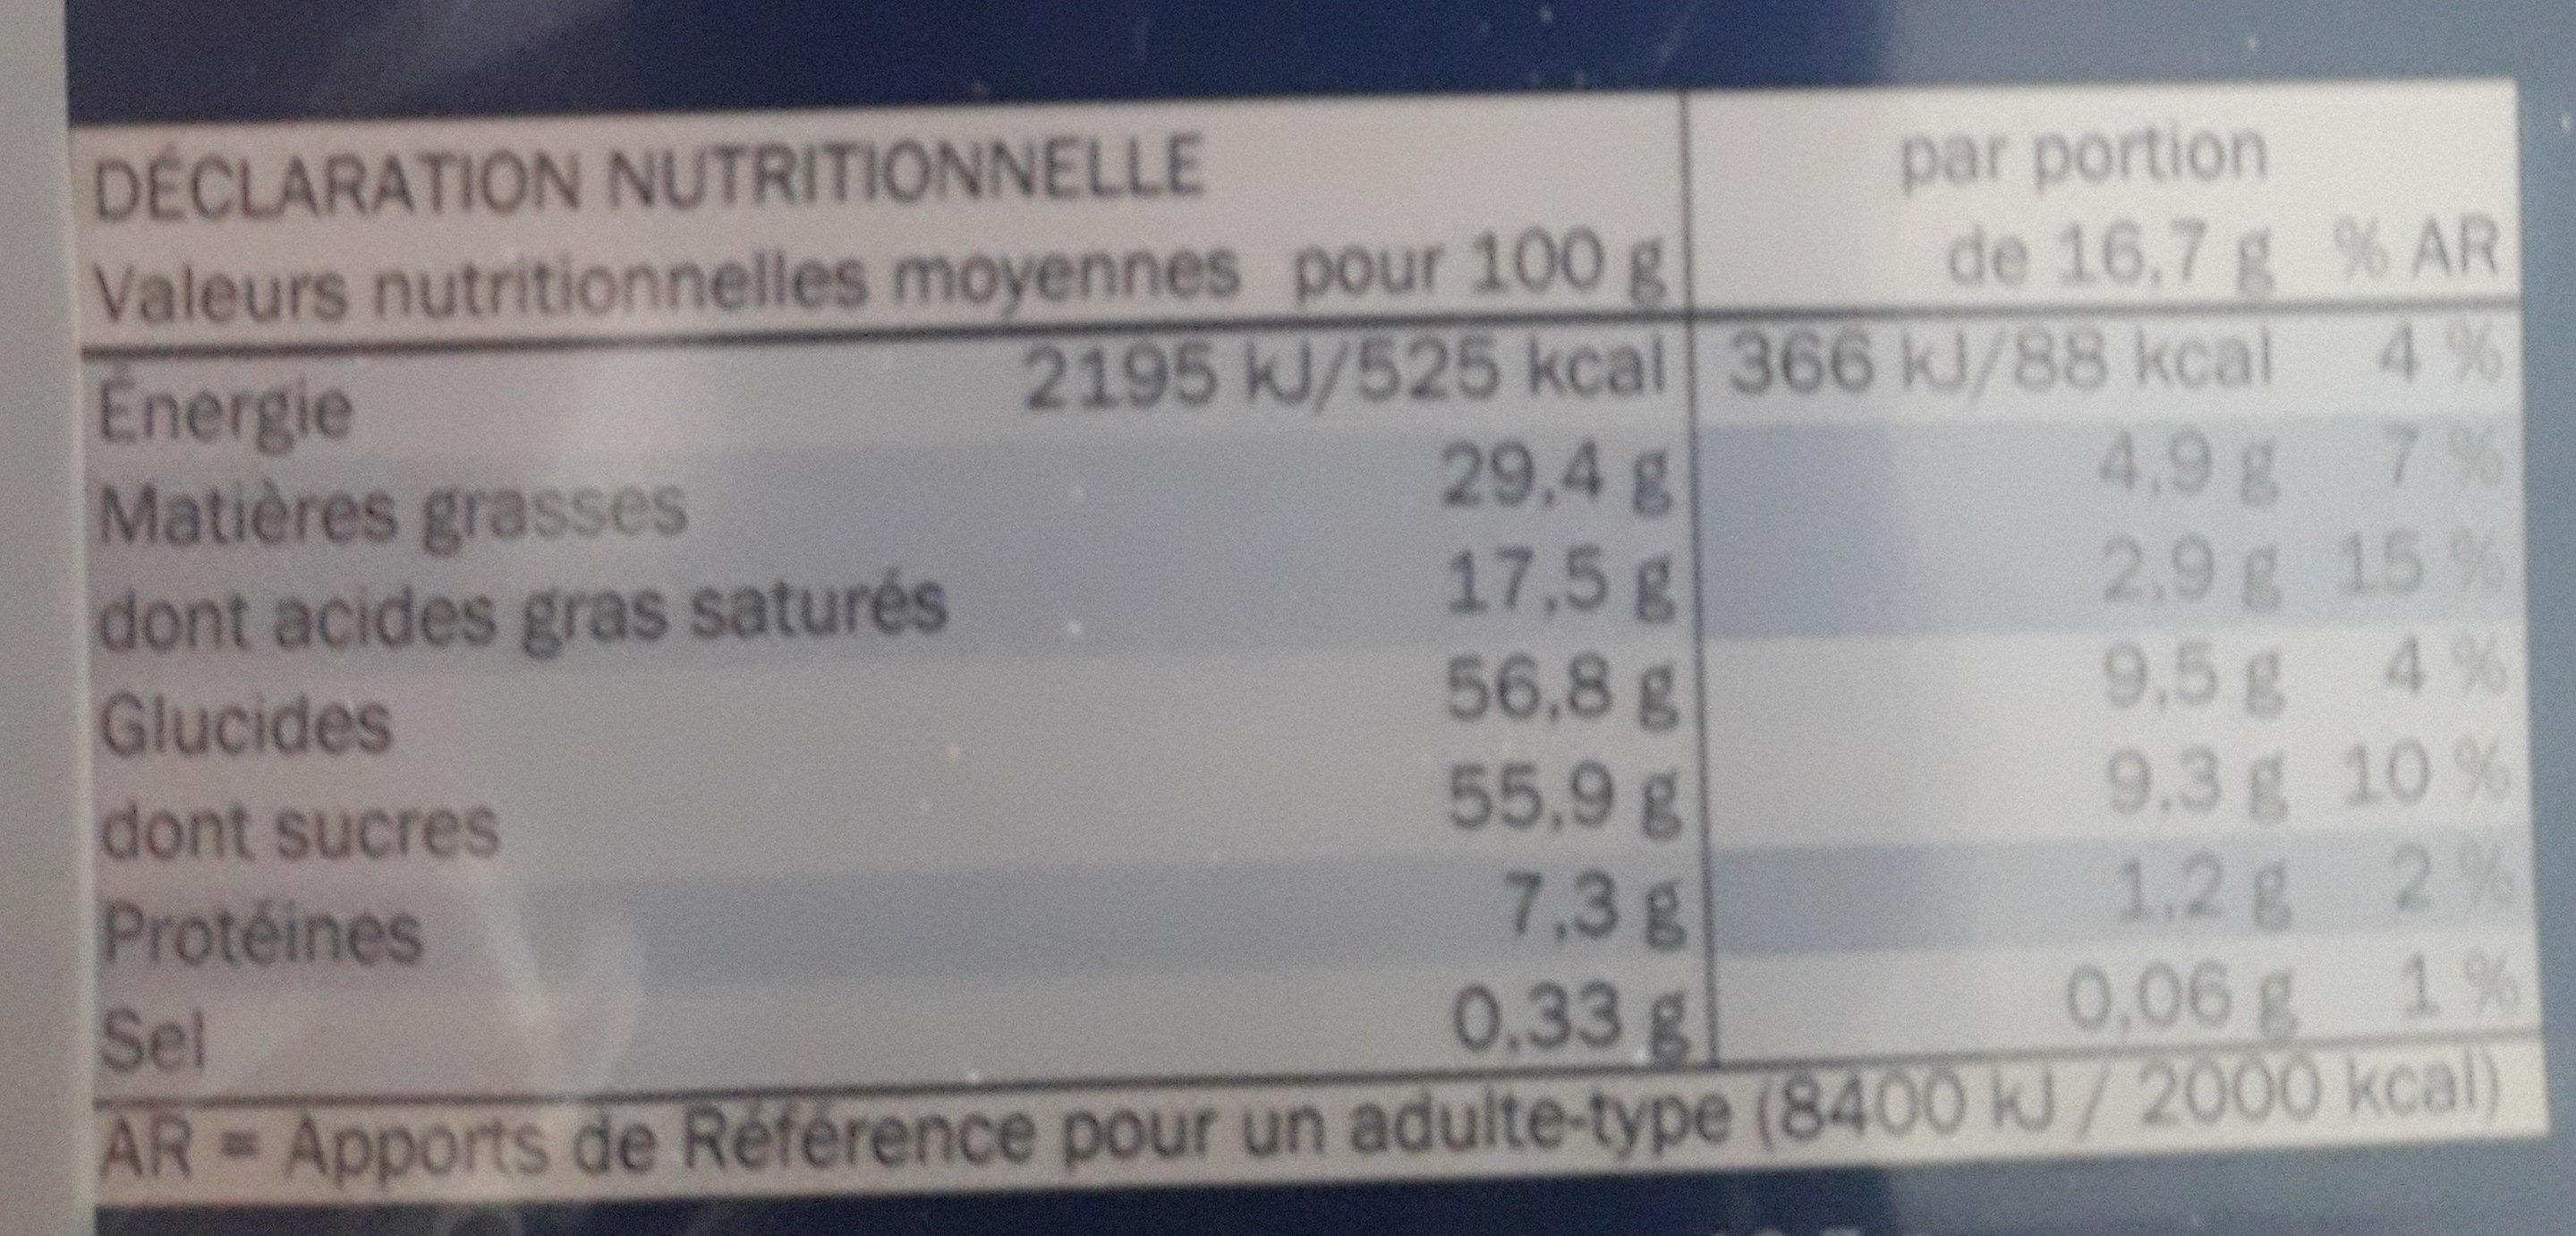 Lait du pays alpin - Nutrition facts - fr